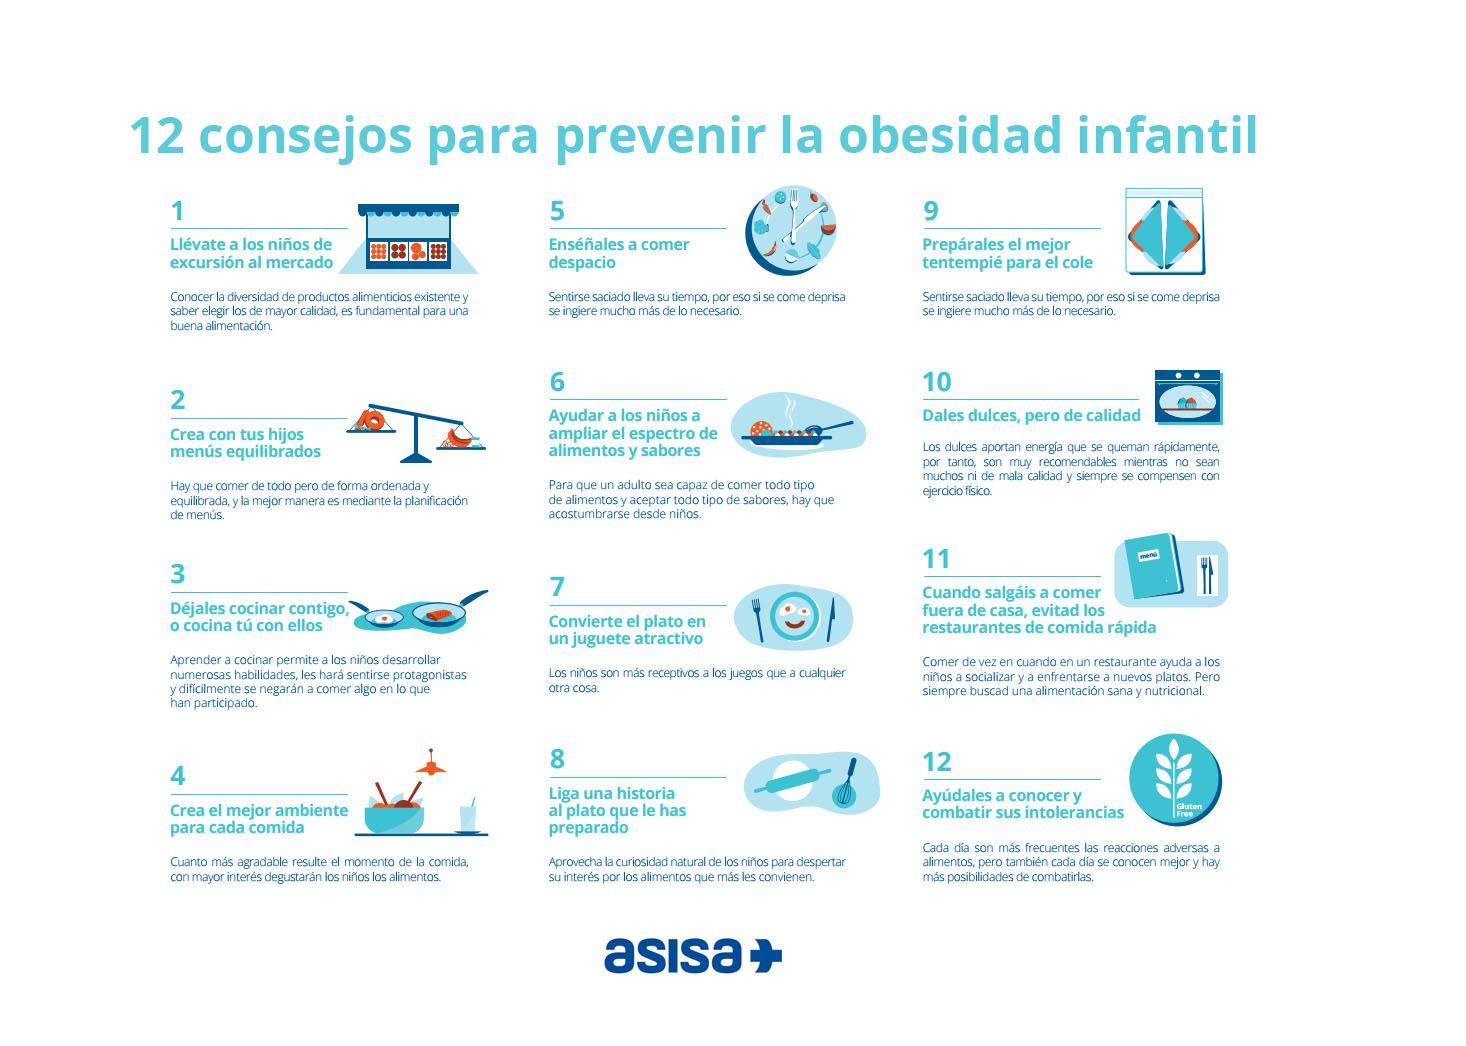 medidas de prevencion para evitar la obesidad